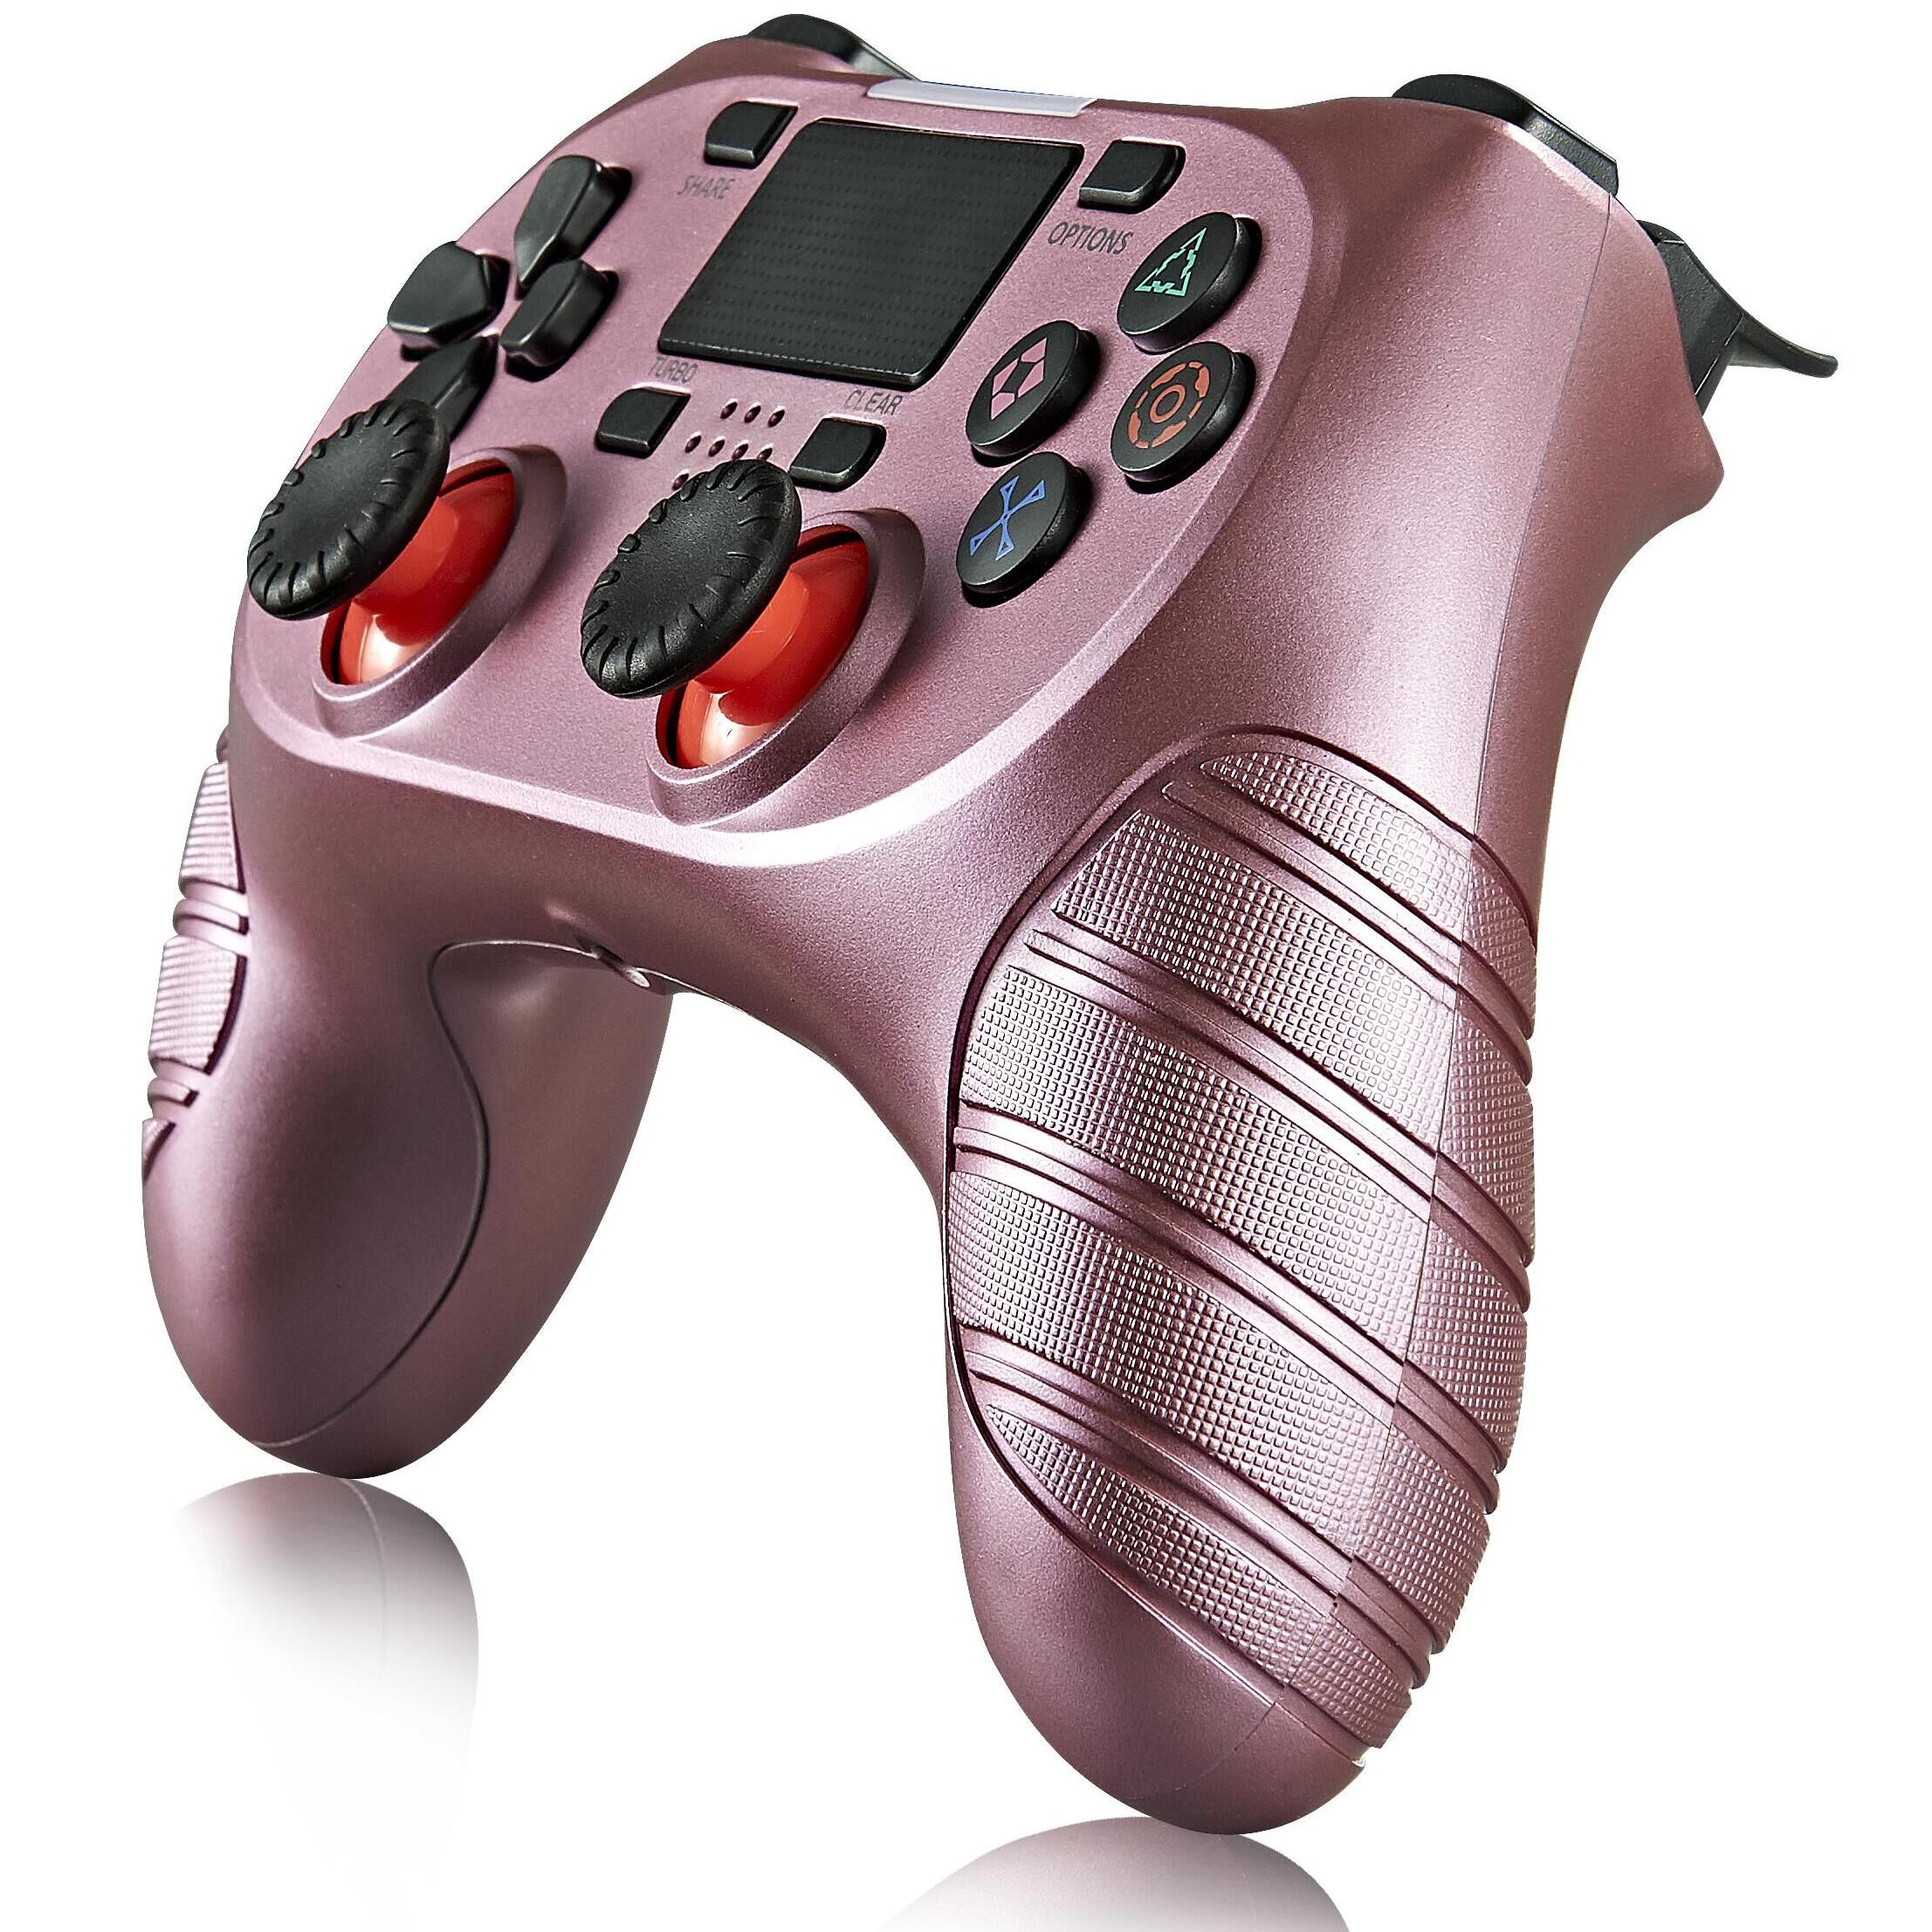 Aolion نموذج جديد Ps 4 تحكم الجملة لوحة اللمس السلكية غمبد ل PS4 وحدة التحكم حامل عصا التحكم السلكية